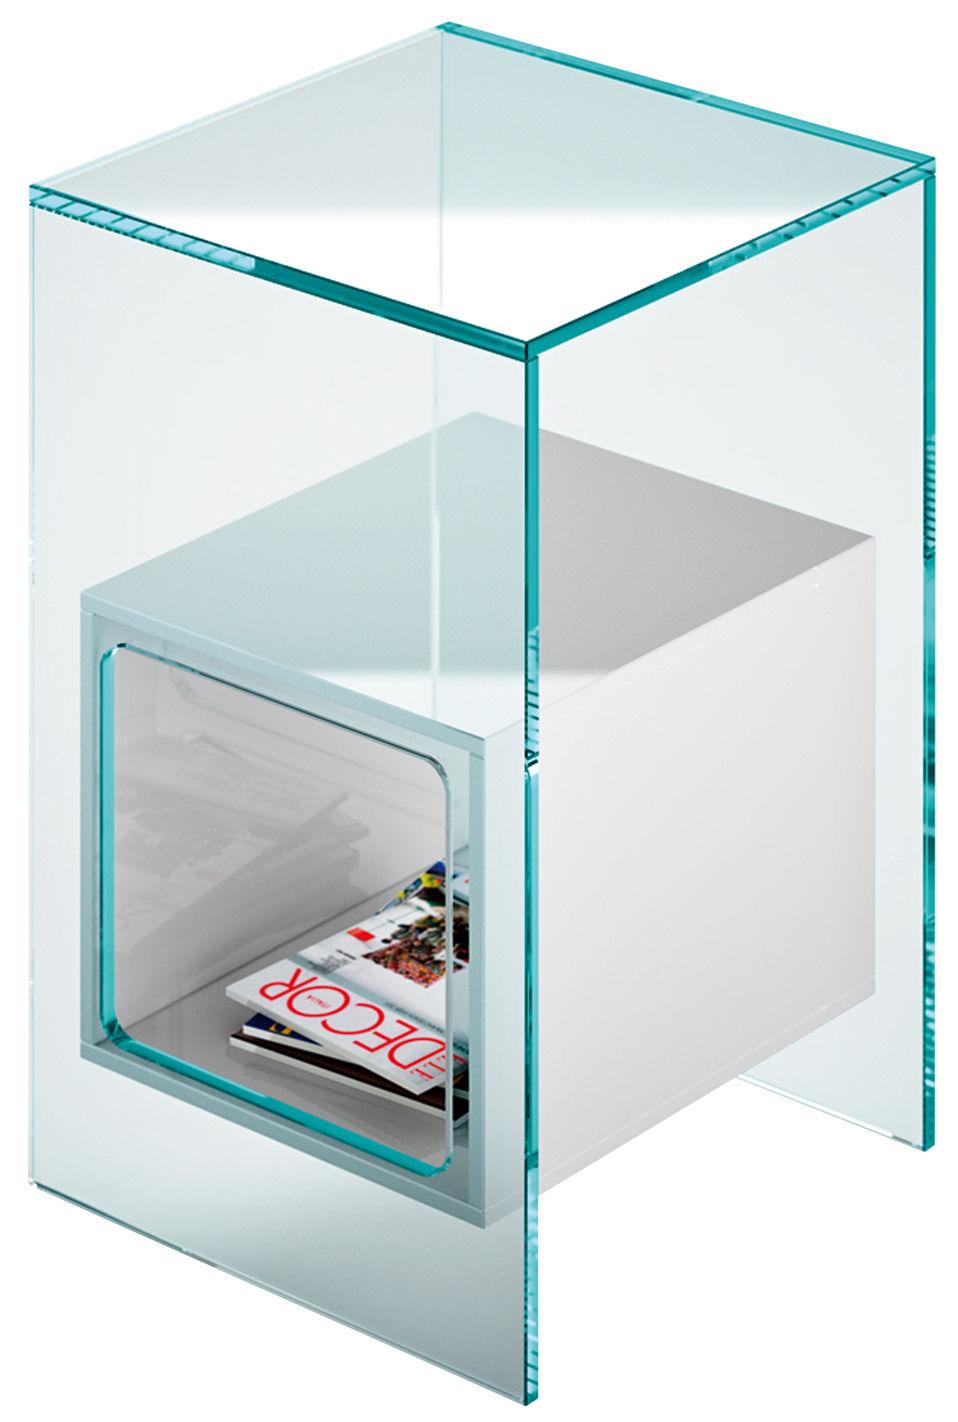 Arredamento - Tavolini  - Tavolino d'appoggio Magique - / H 56 cm di FIAM - Trasparente / Scomparti bianchi - Vetro